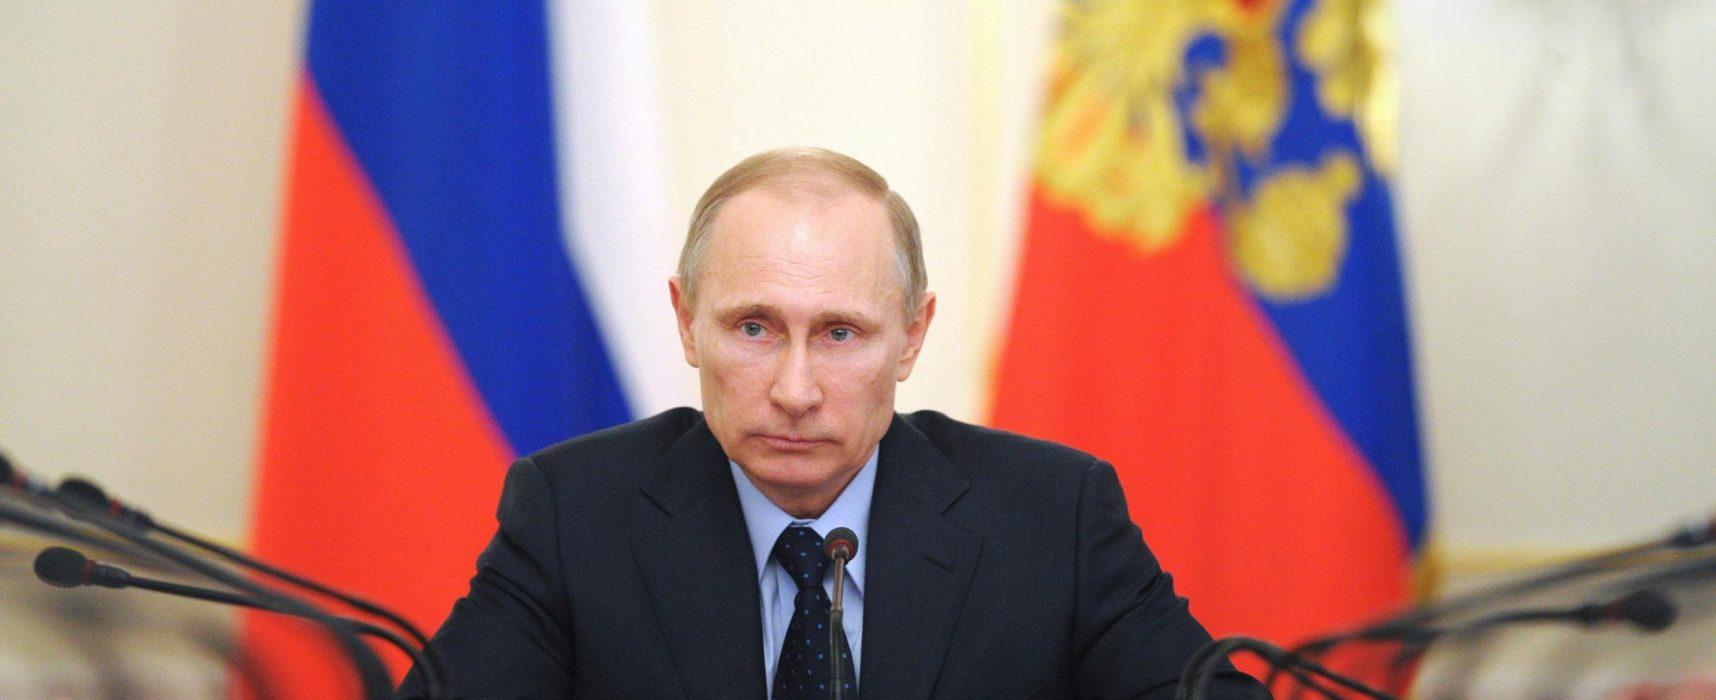 Nicolás de Pedro: Descifrando la diplomacia de Putin ¿Qué quiere Rusia?